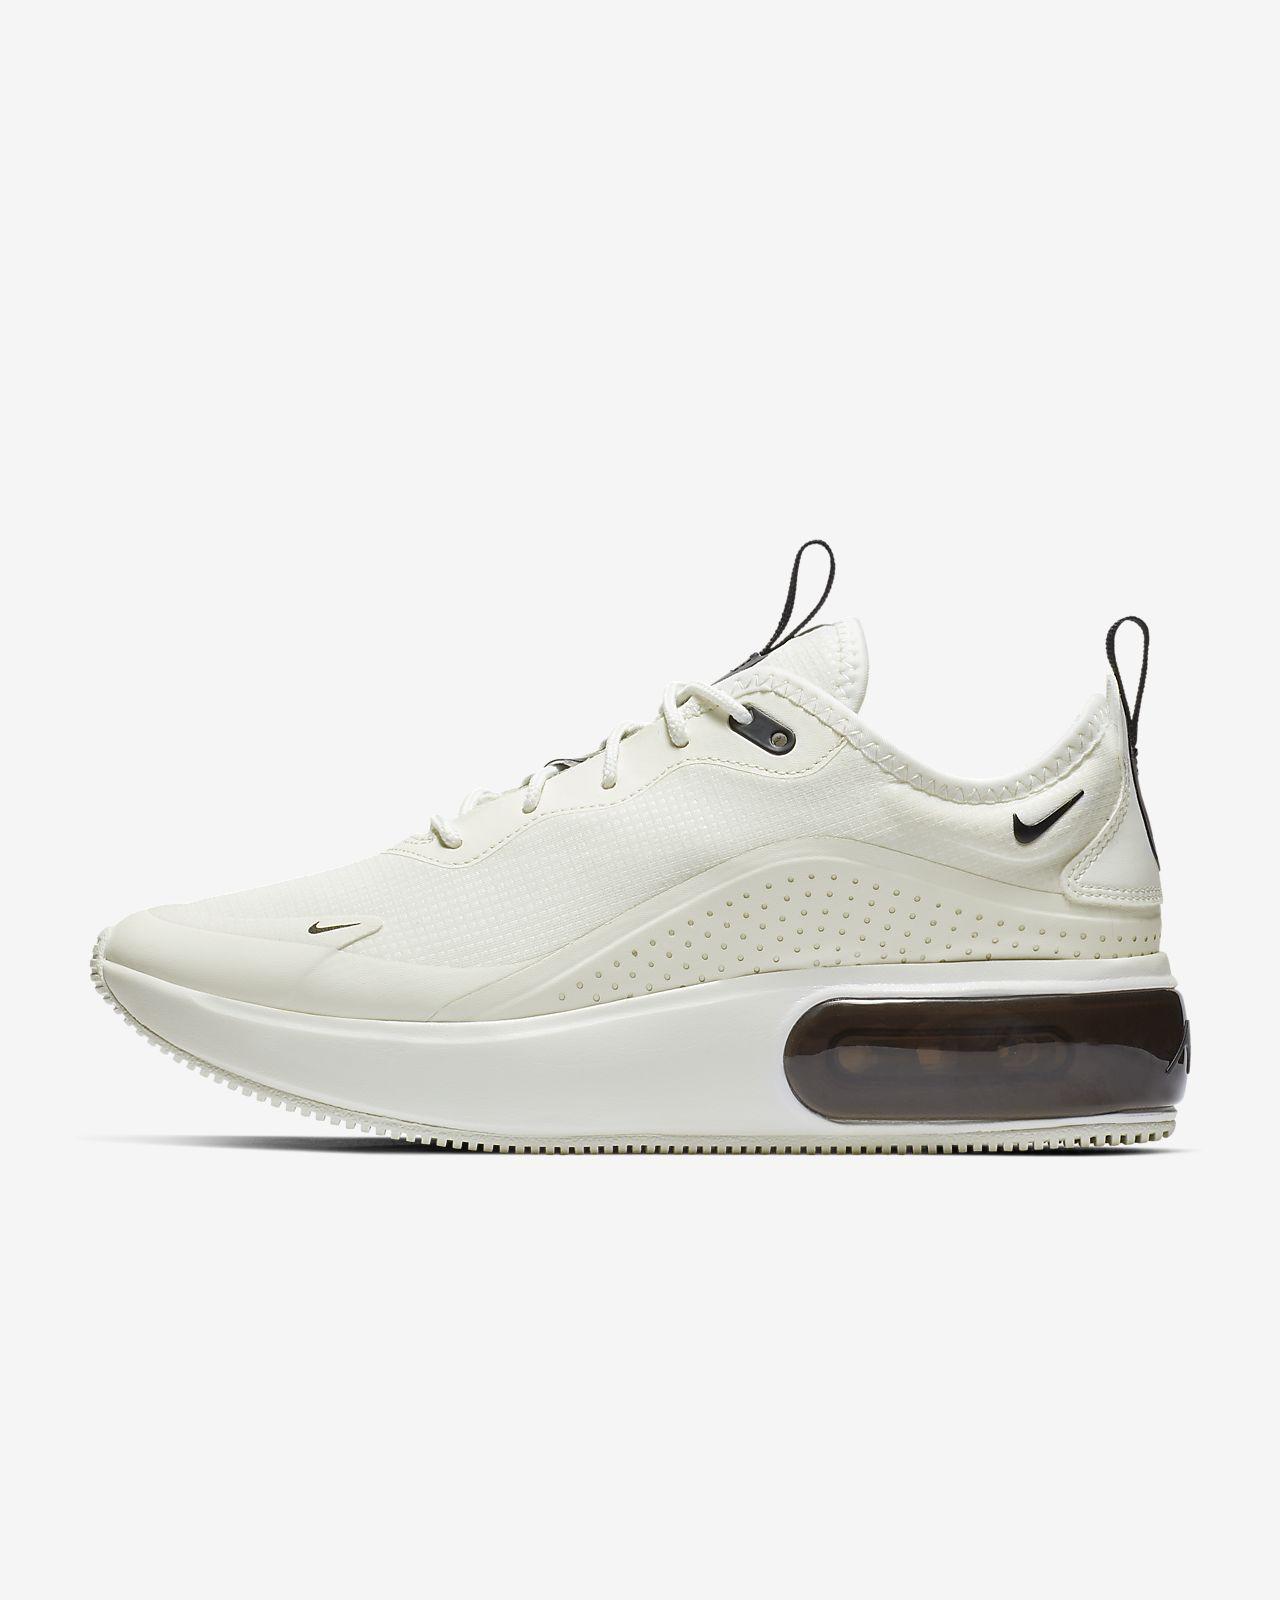 Najnowsze Buty Sportowe Nike Damskie Polska Sklep Nike Air